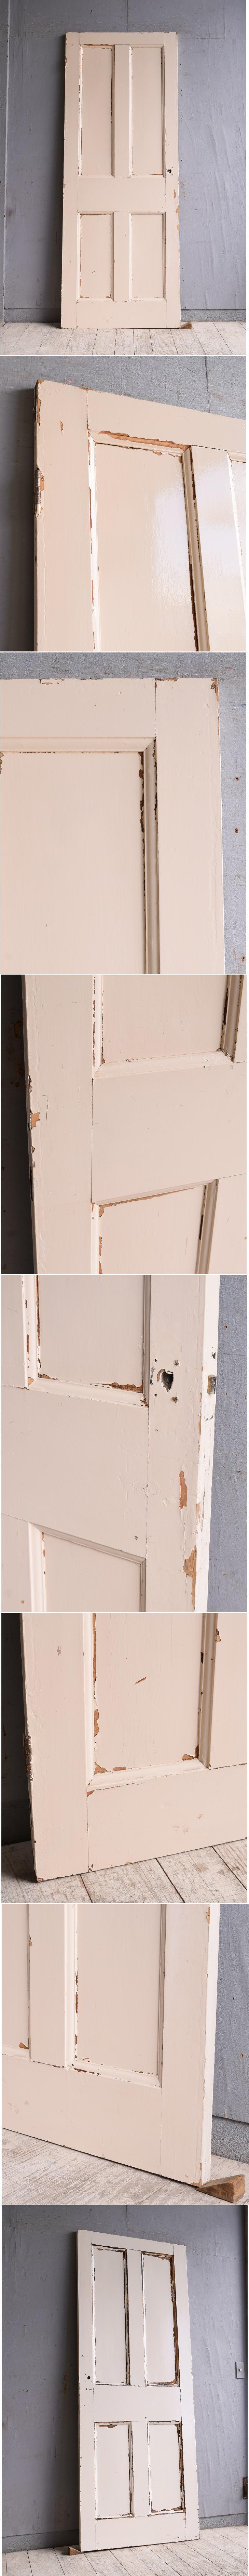 イギリス アンティーク ドア 扉 建具 9972